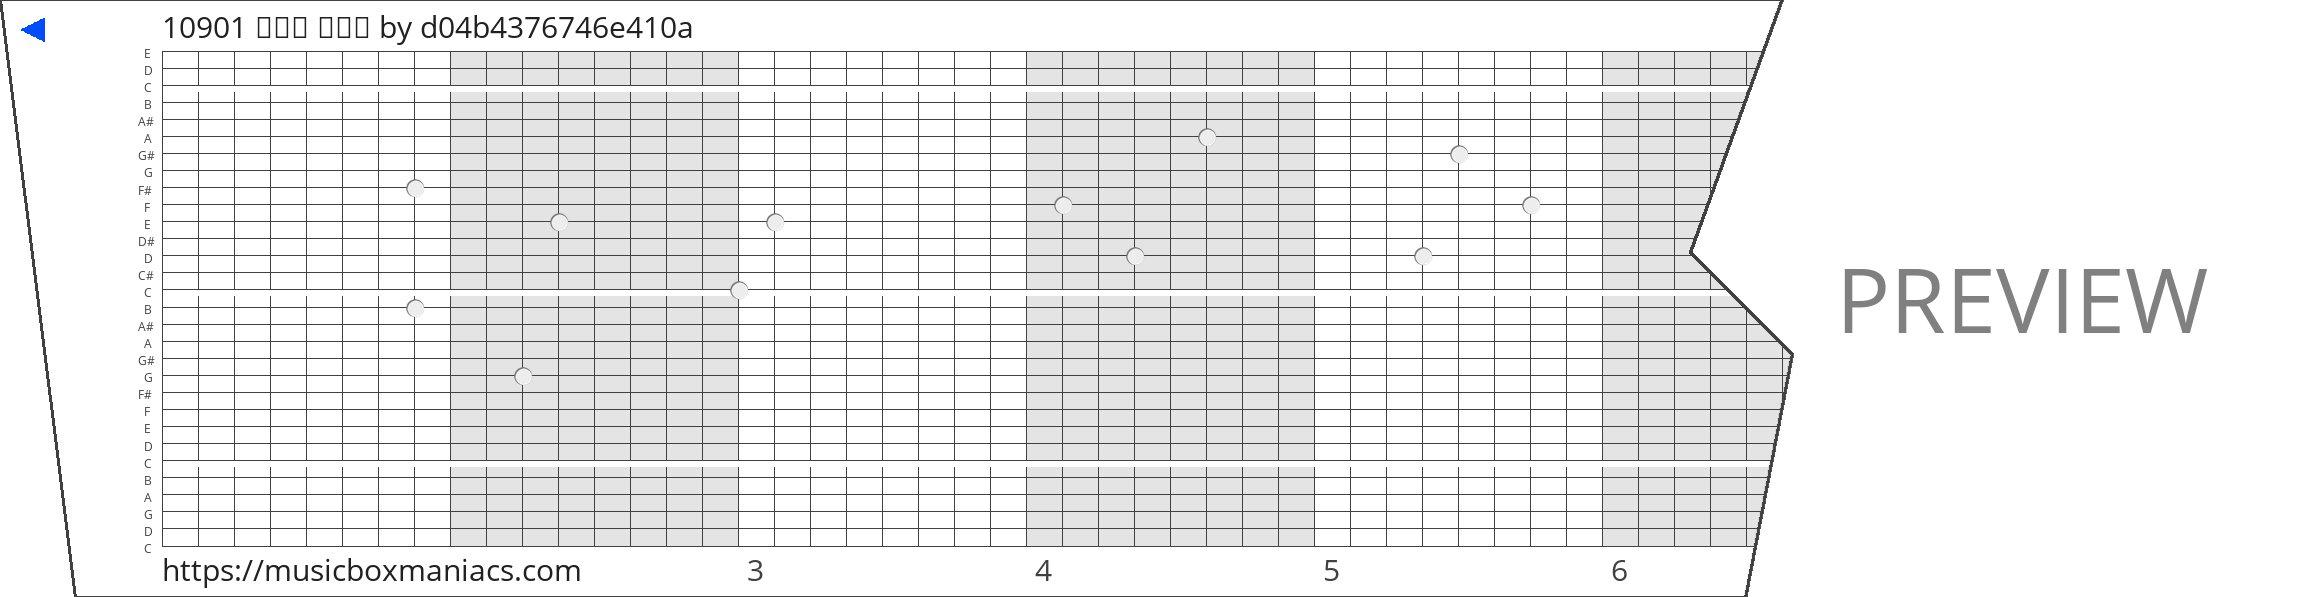 10901 김정민 작은별 30 note music box paper strip